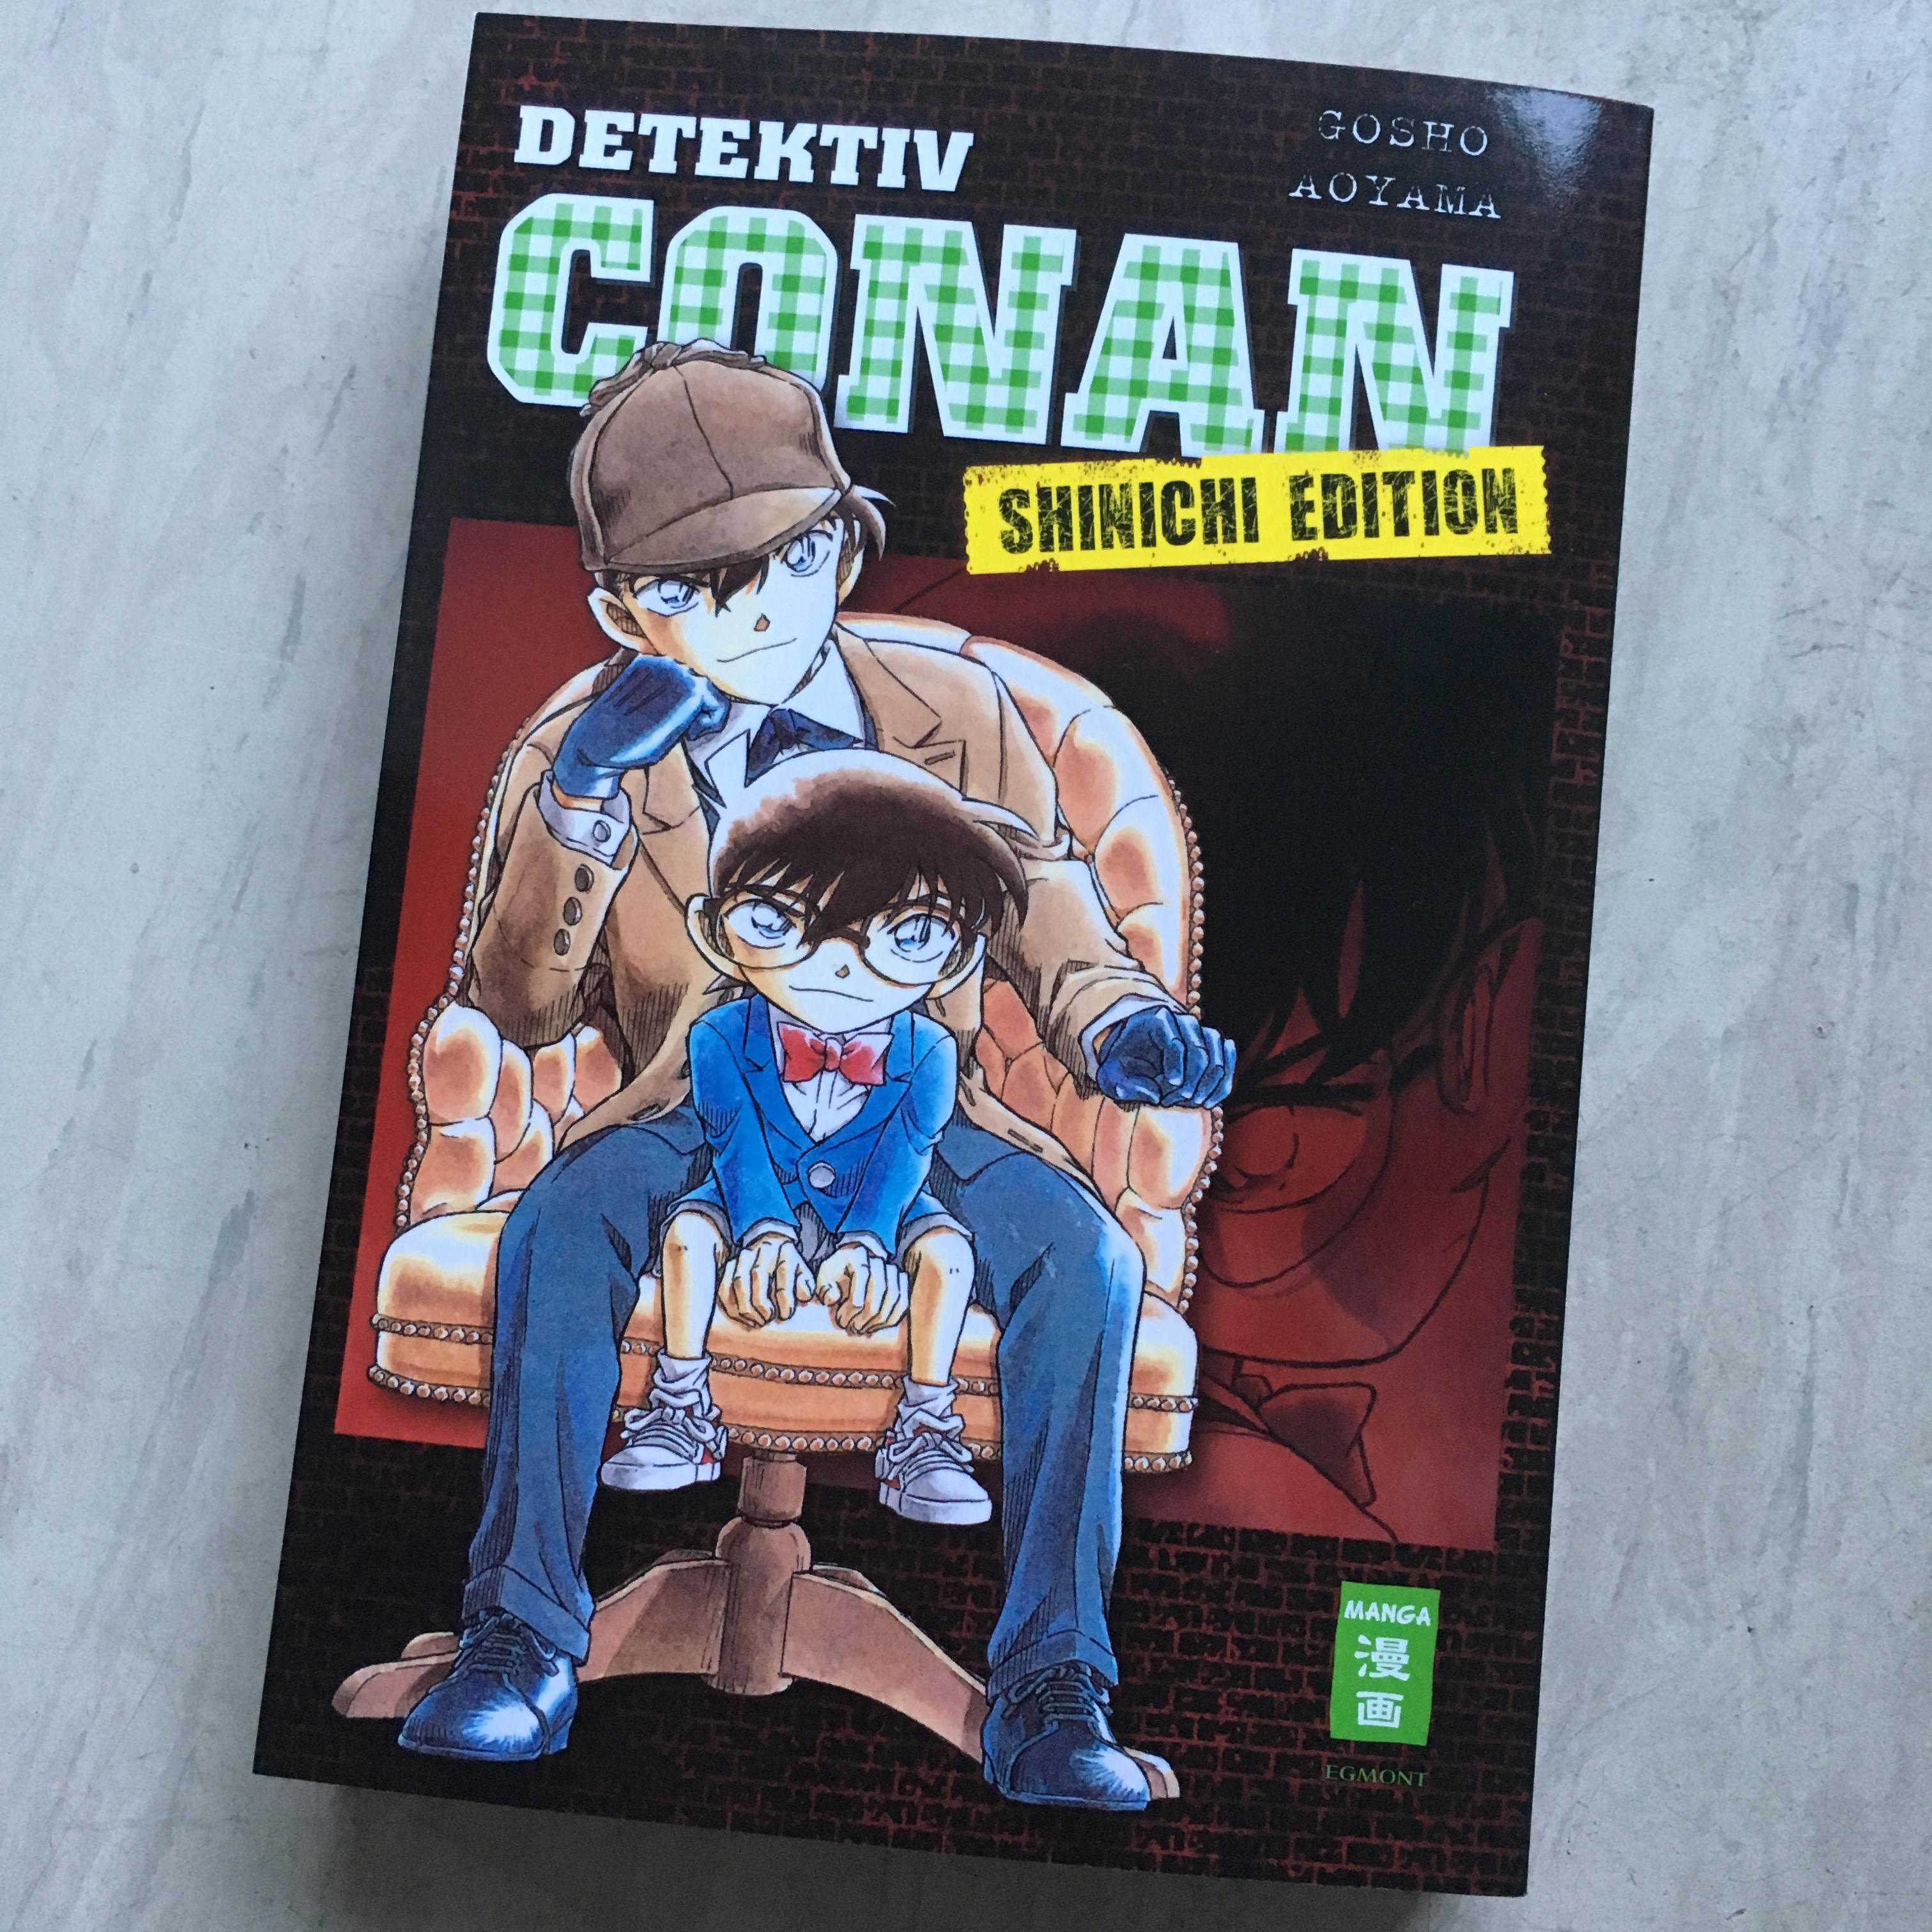 Detektiv Conan Shinichi Edition